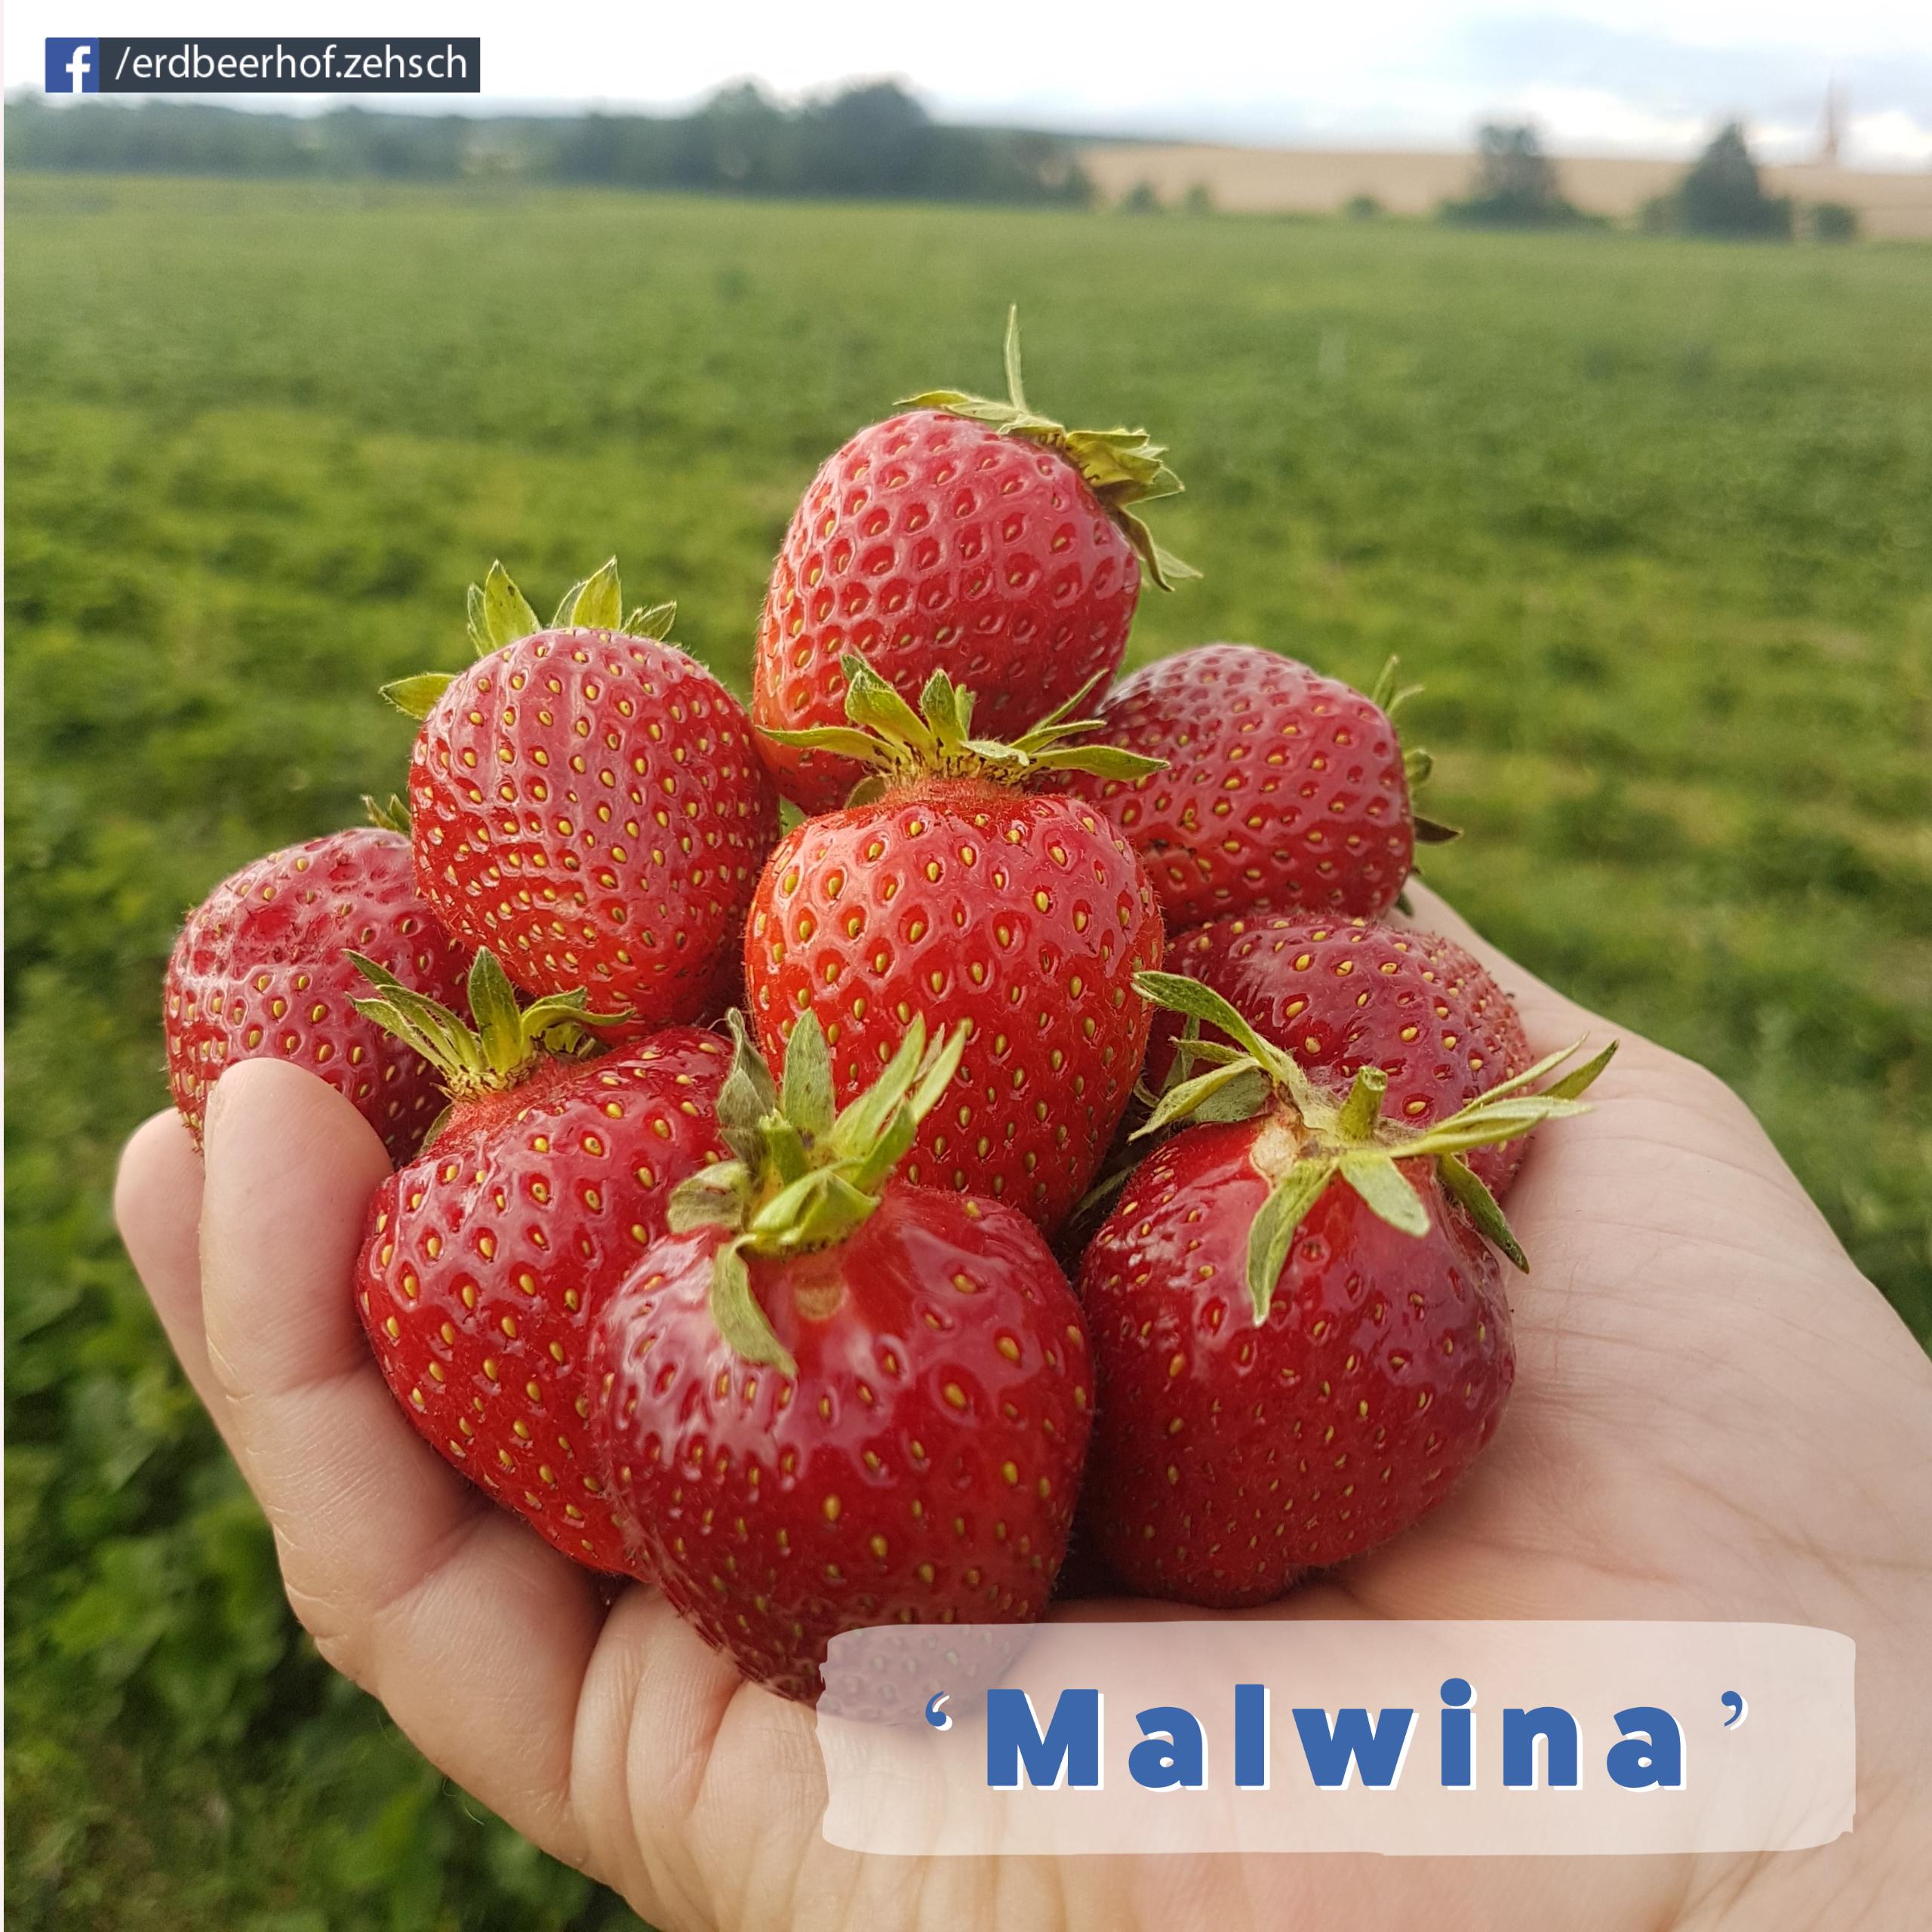 Erdbeer-Endspurt